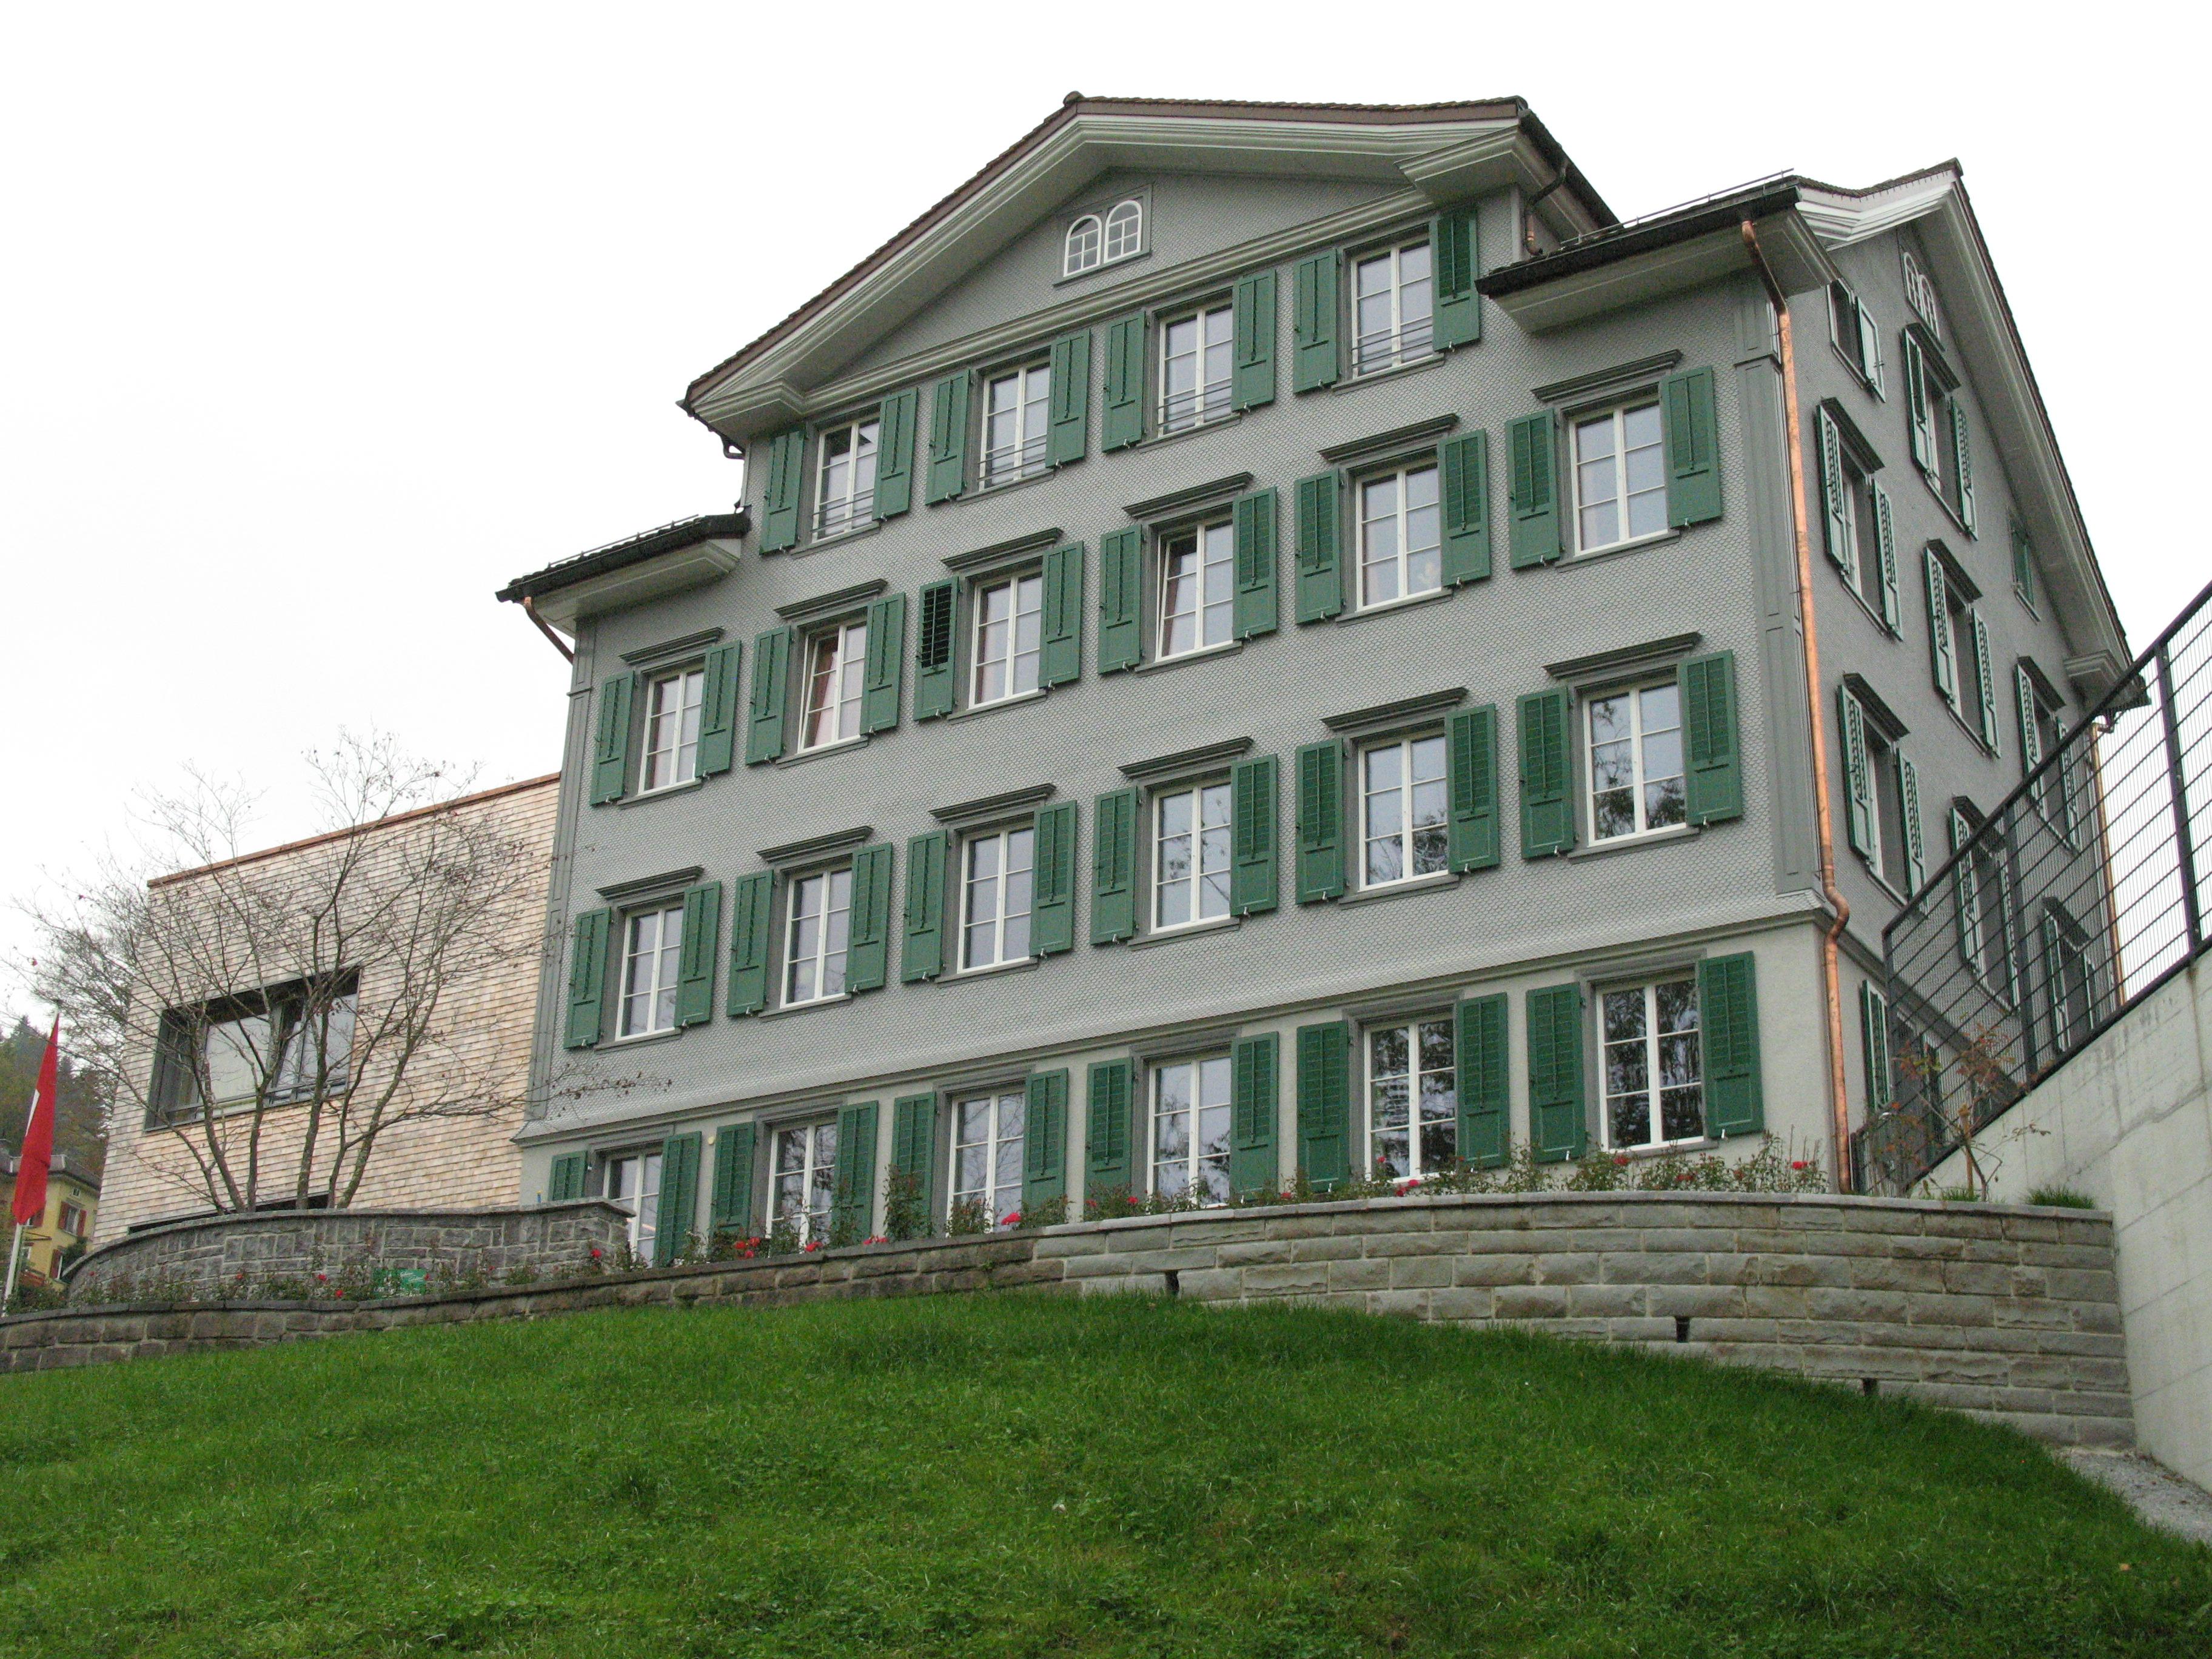 School | Urnäsch | Switzerland